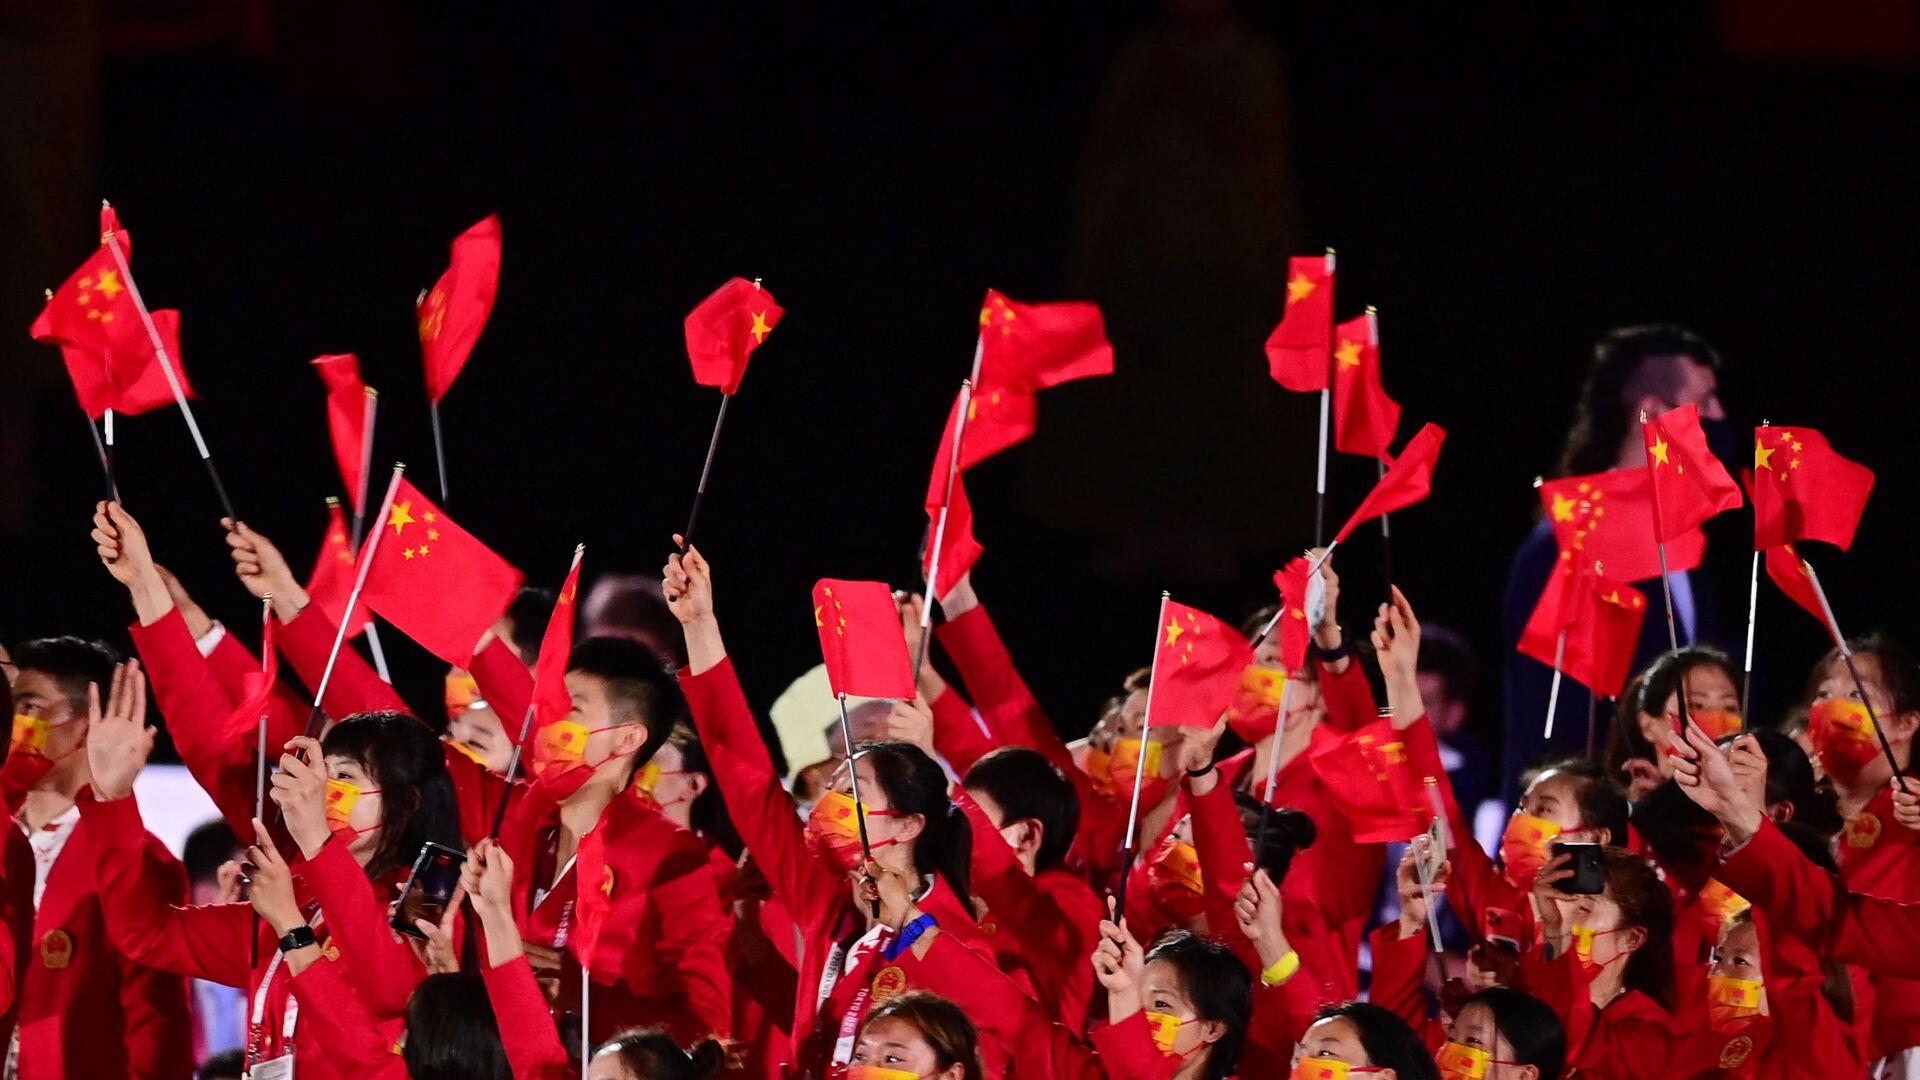 Члены китайской делегации машут флагами, входя на Олимпийский стадион во время церемонии открытия в Токио - Sputnik Таджикистан, 1920, 05.09.2021